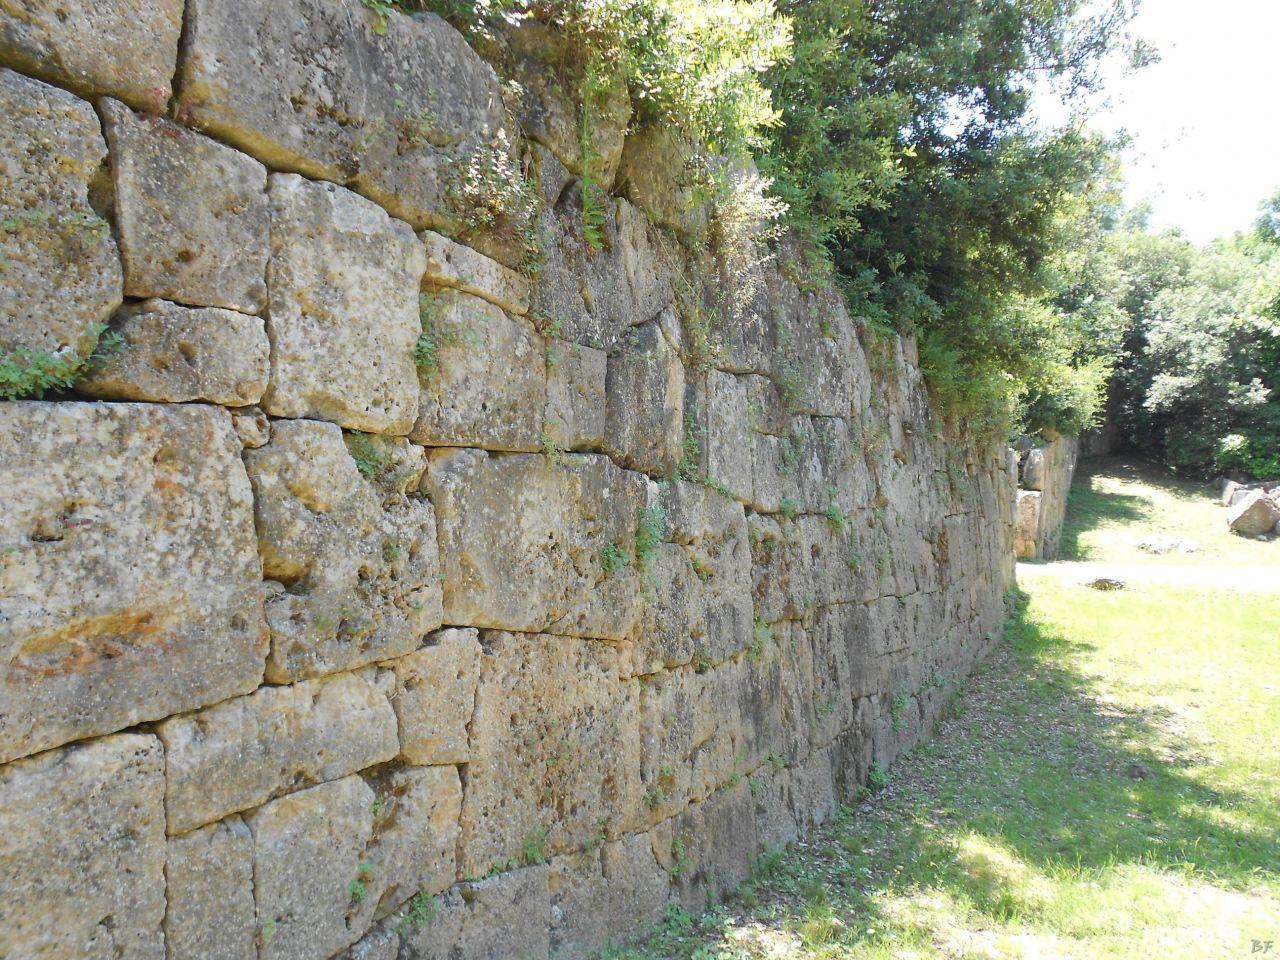 Cosa-Mura-Megalitiche-Ansedonia-Grosseto-Toscana-Italia-36